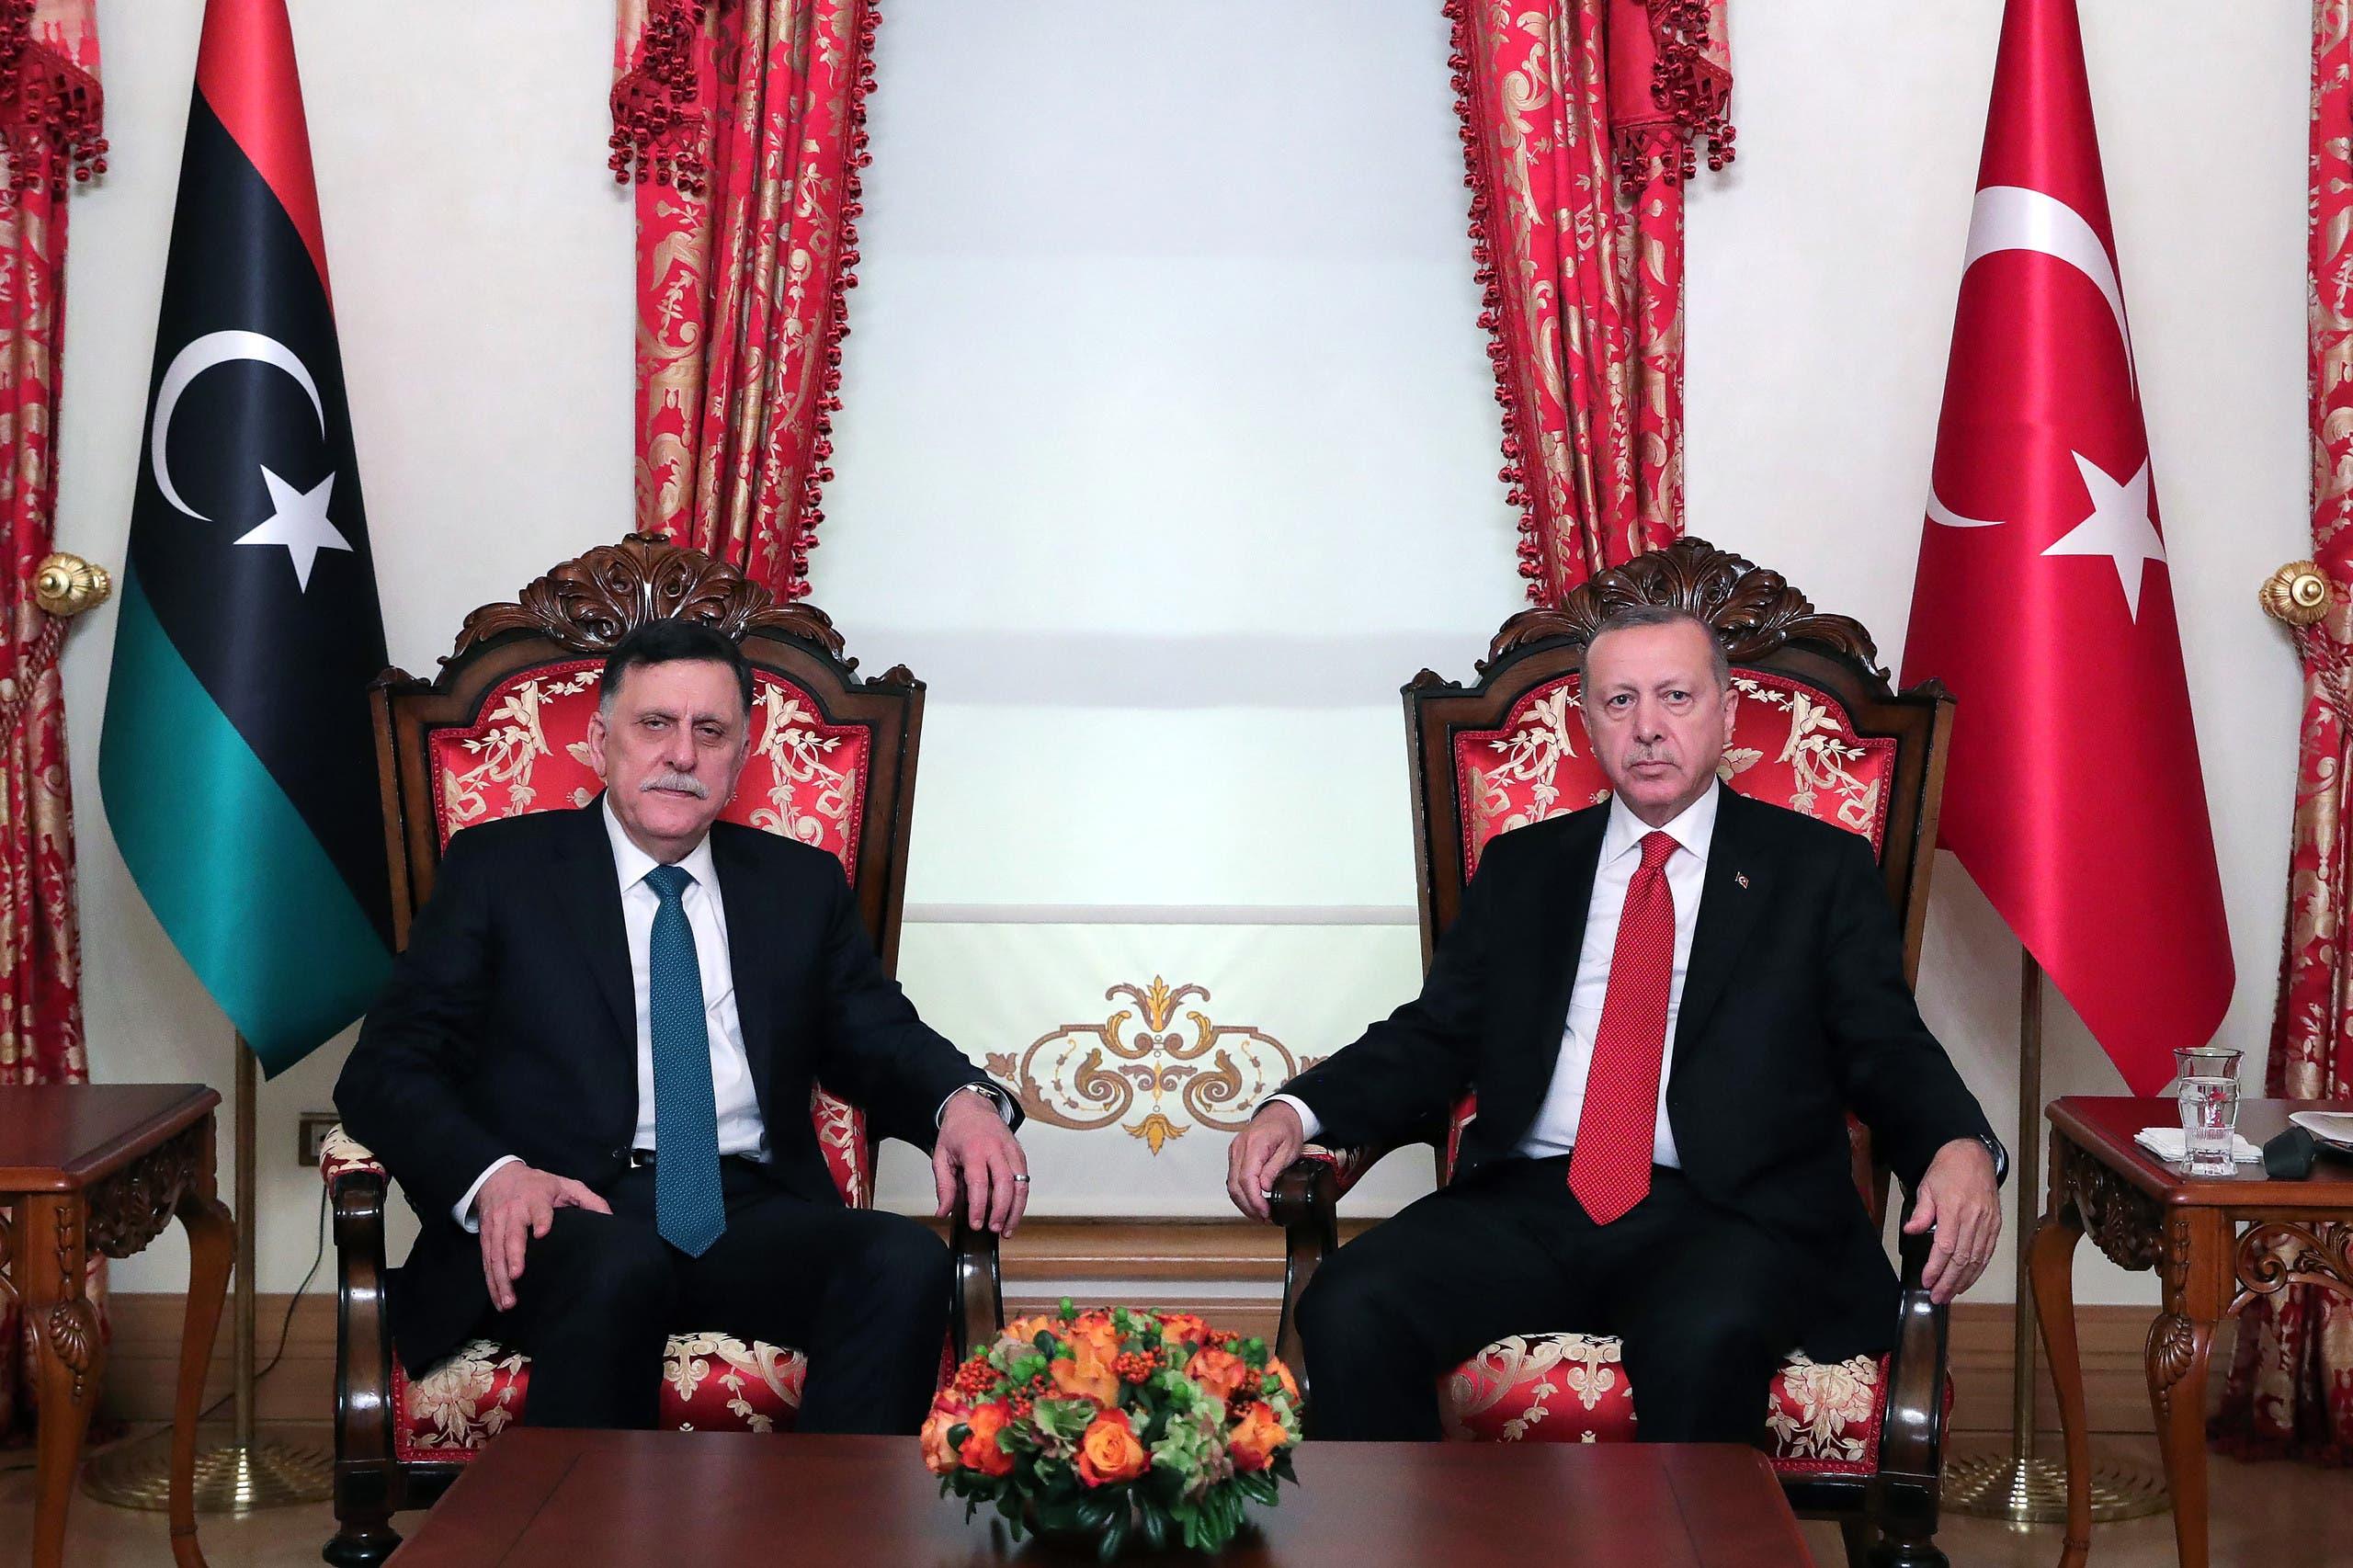 لقاء السراج بالرئيس التركي رجب طيب اردوغان في اسطنبول في نوفمبر 2019 إثر توقيع الاتفاقية بينهما حول ترسيم الحدود البحرية